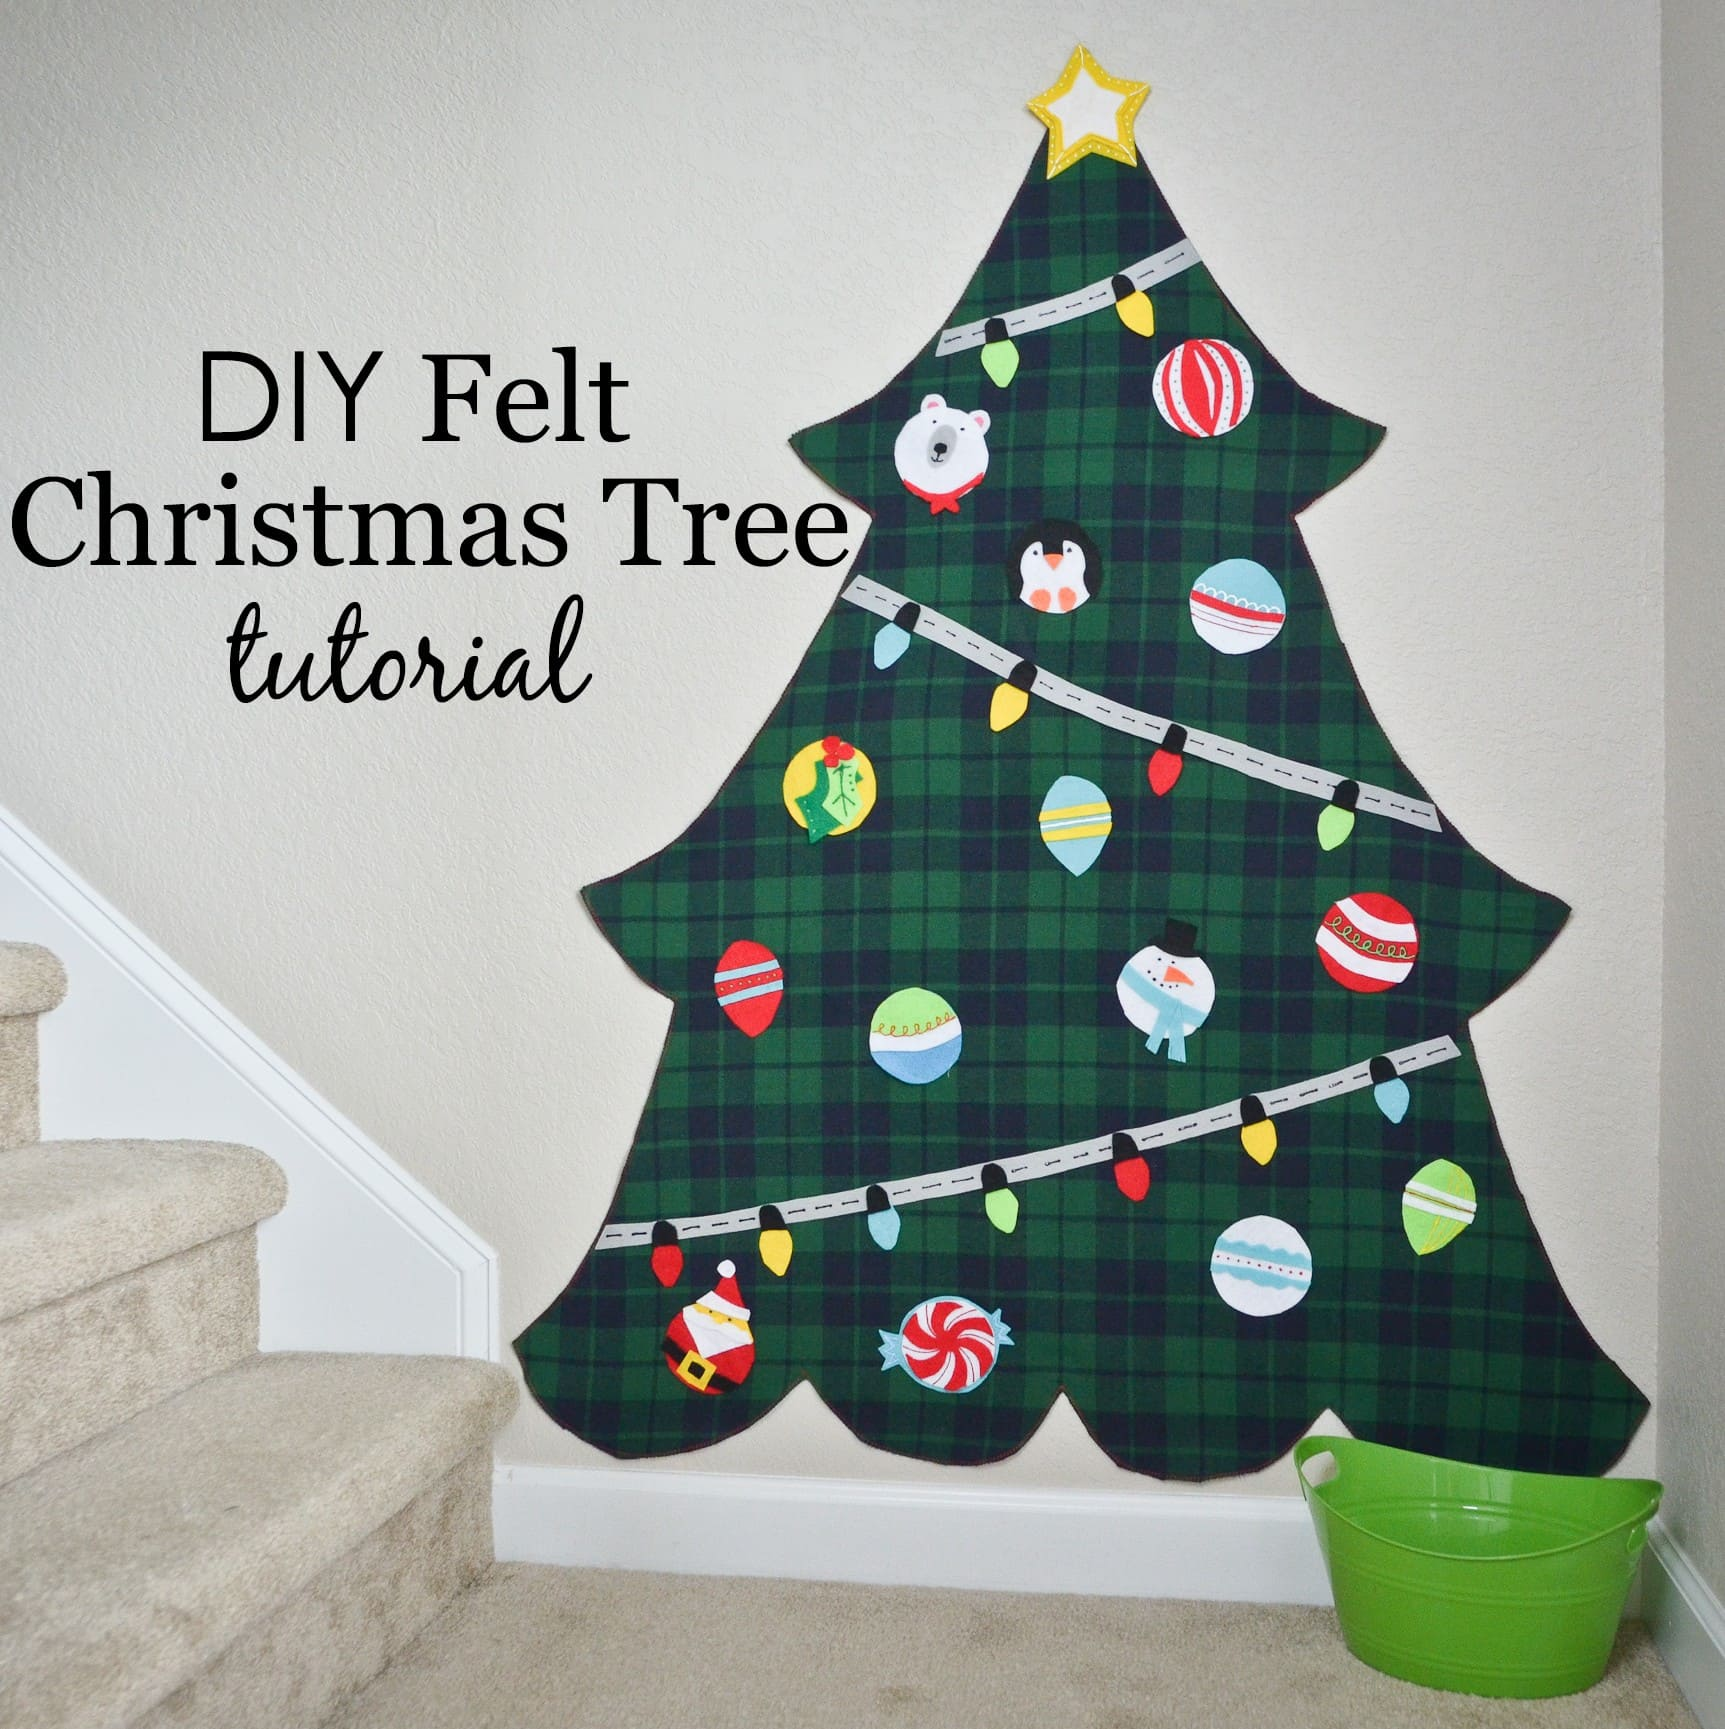 diy felt tree tutorial